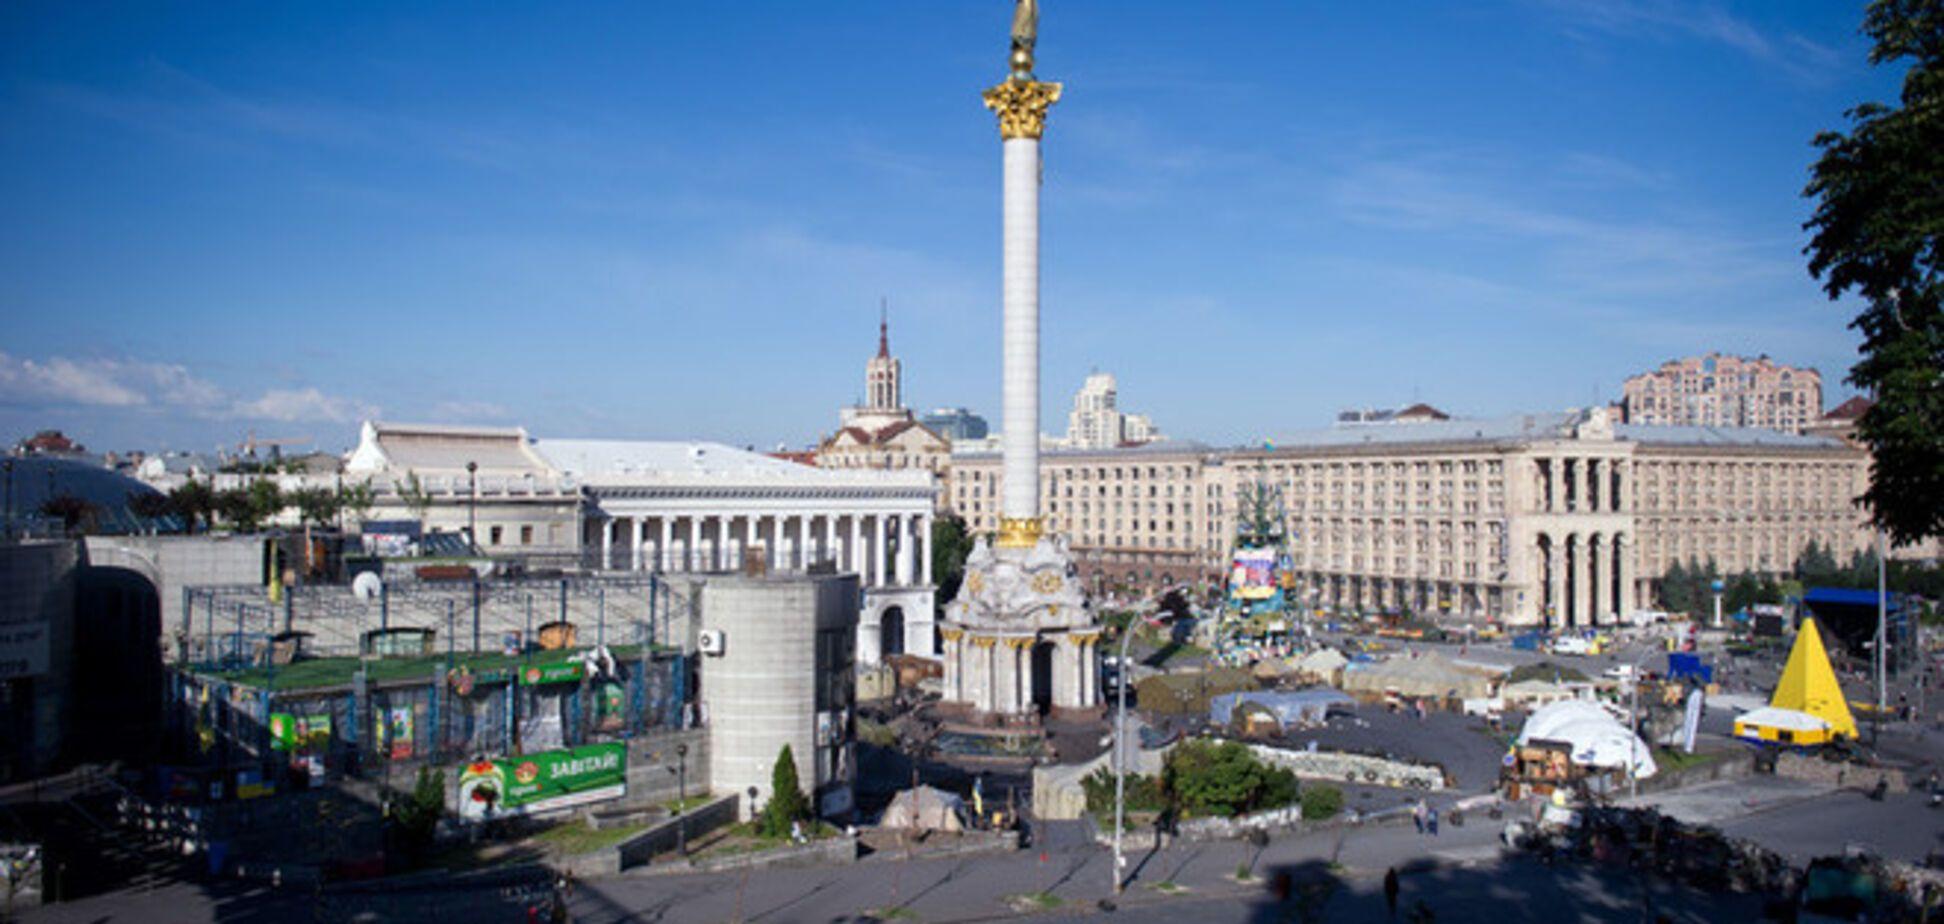 Судьбу Майдана решат результаты открытого международного конкурса